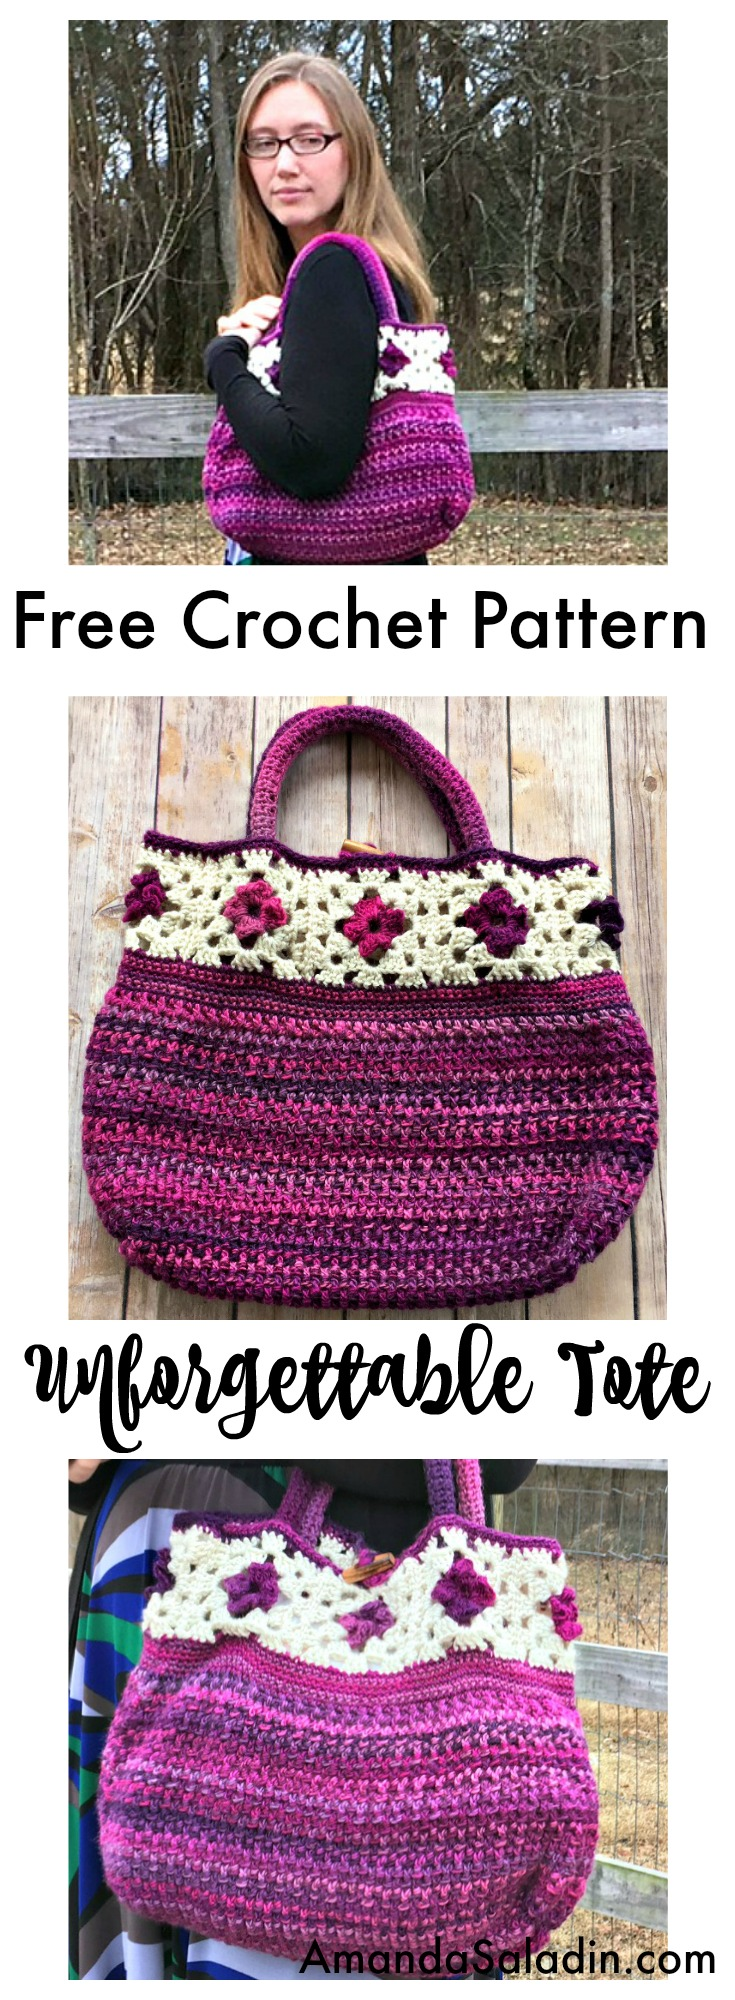 A cute, stylish FREE crochet pattern! I am making this!